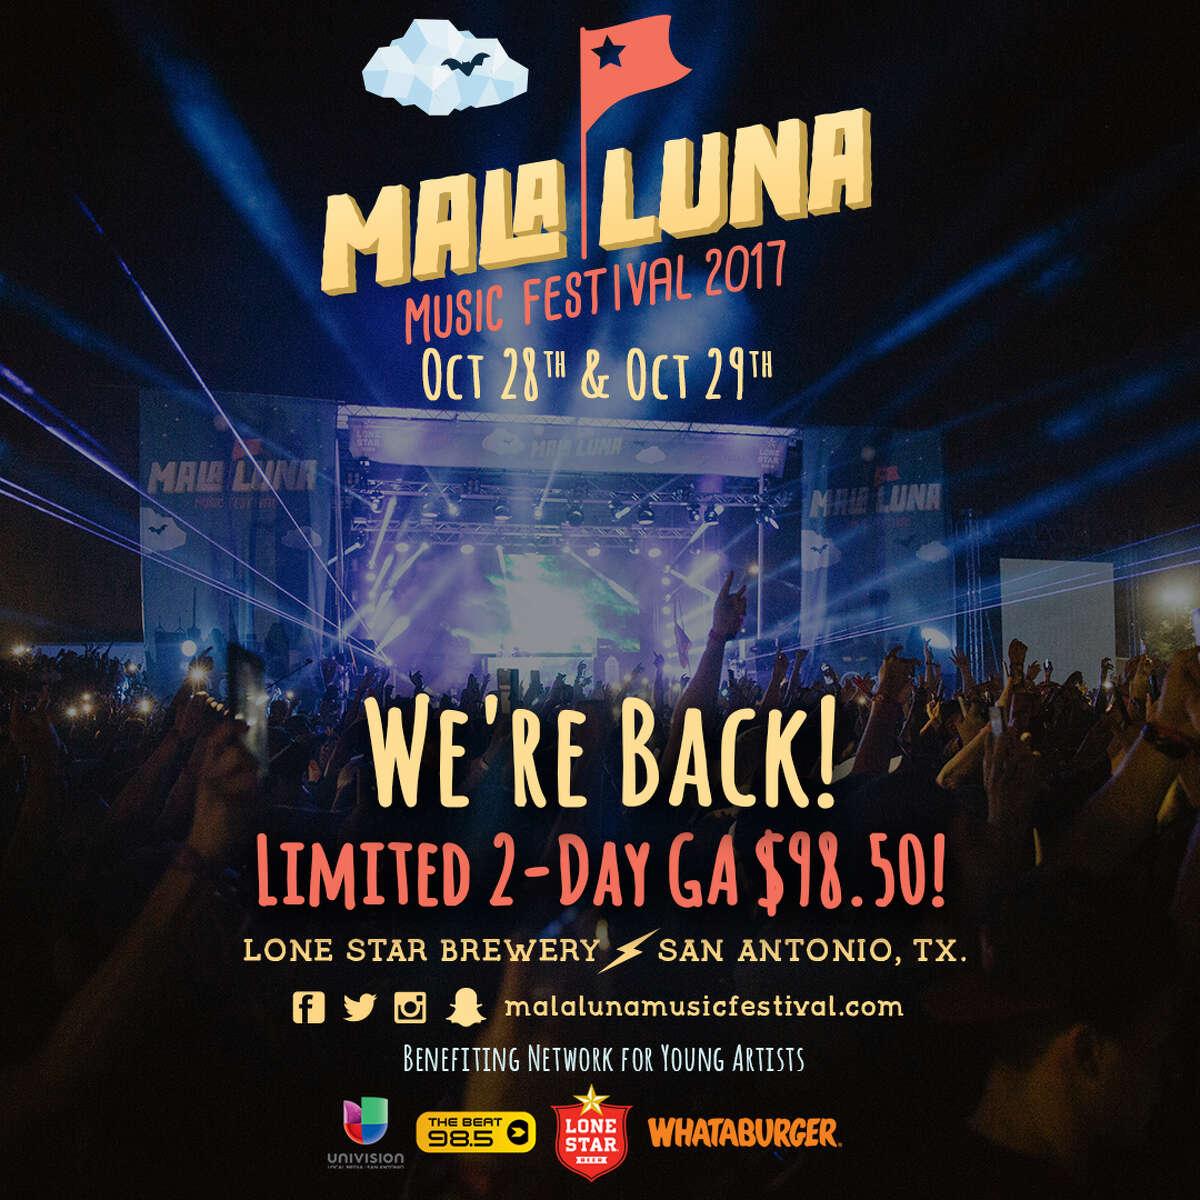 Luna Mala Music Festival 2017 teaser poster.